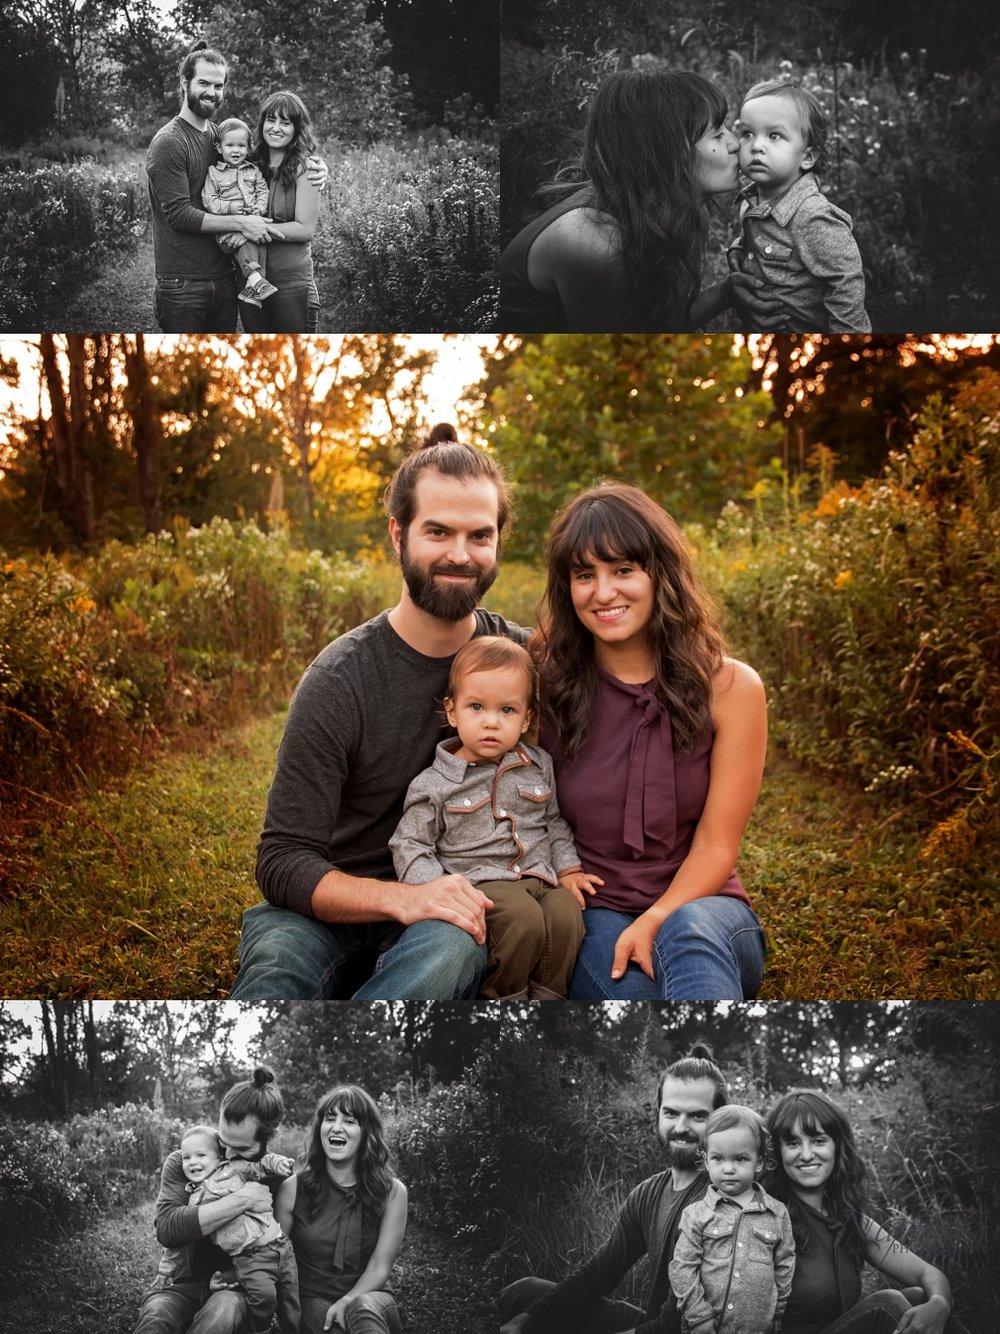 St. Joseph Michigan Newborn, Child and family Photographer_0277.jpg